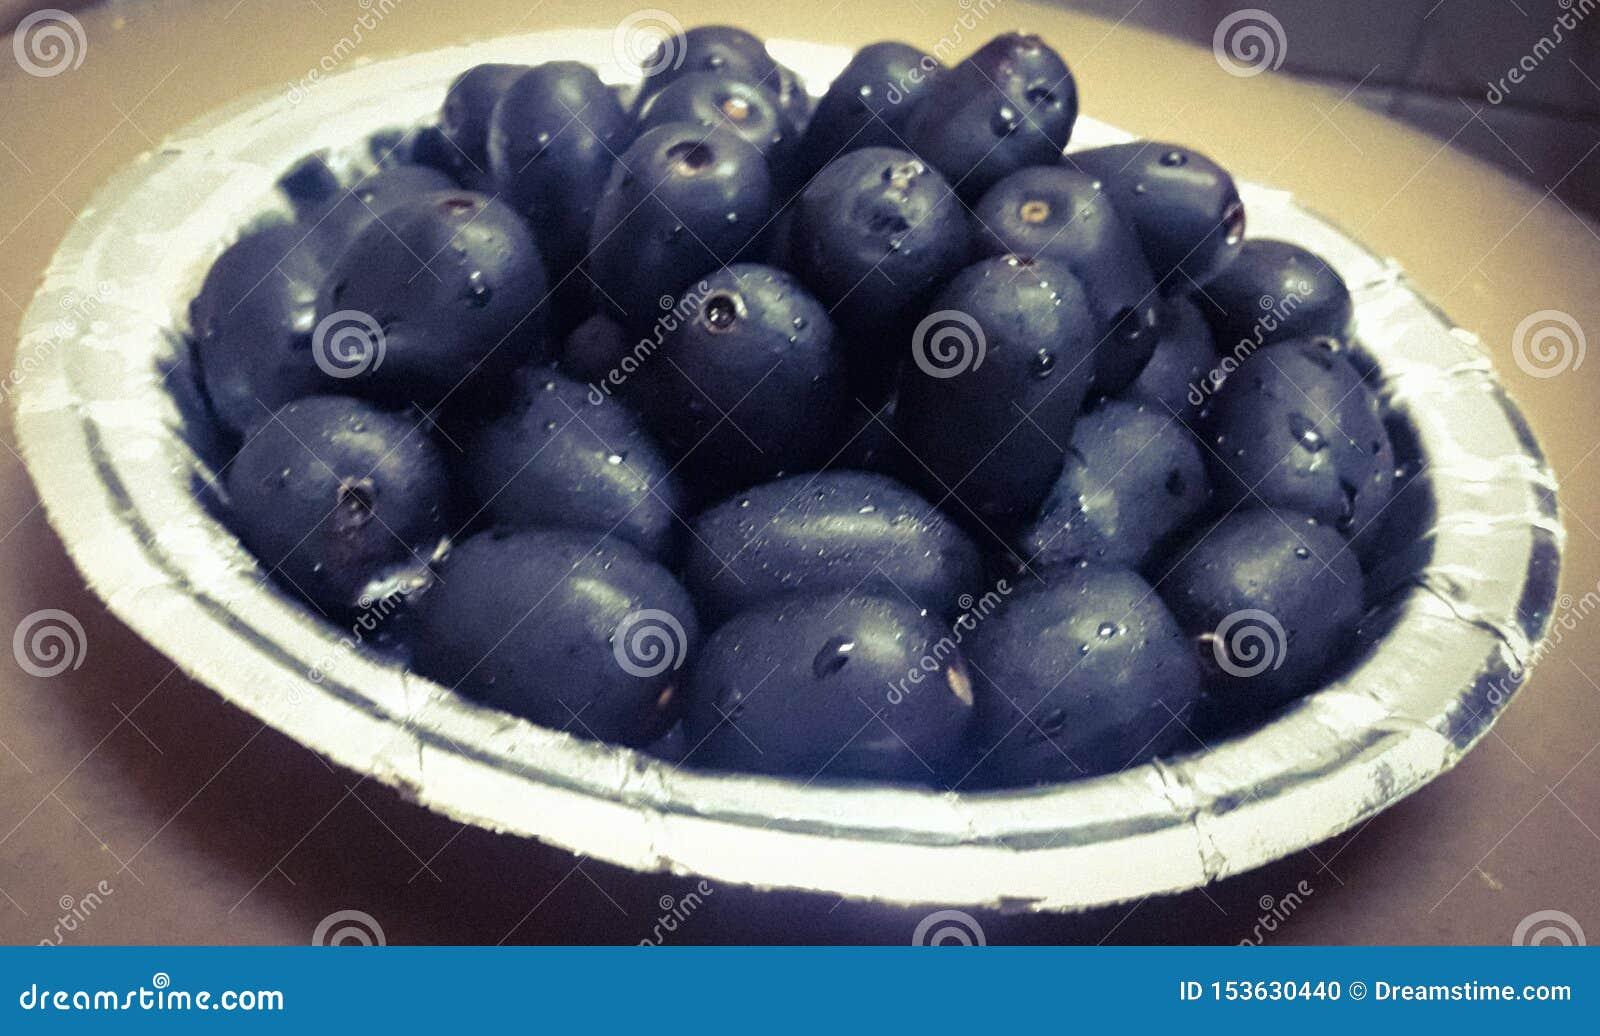 La baya comestible púrpura oscura llamada como Jamun sirvió en una placa de papel coloreada de plata